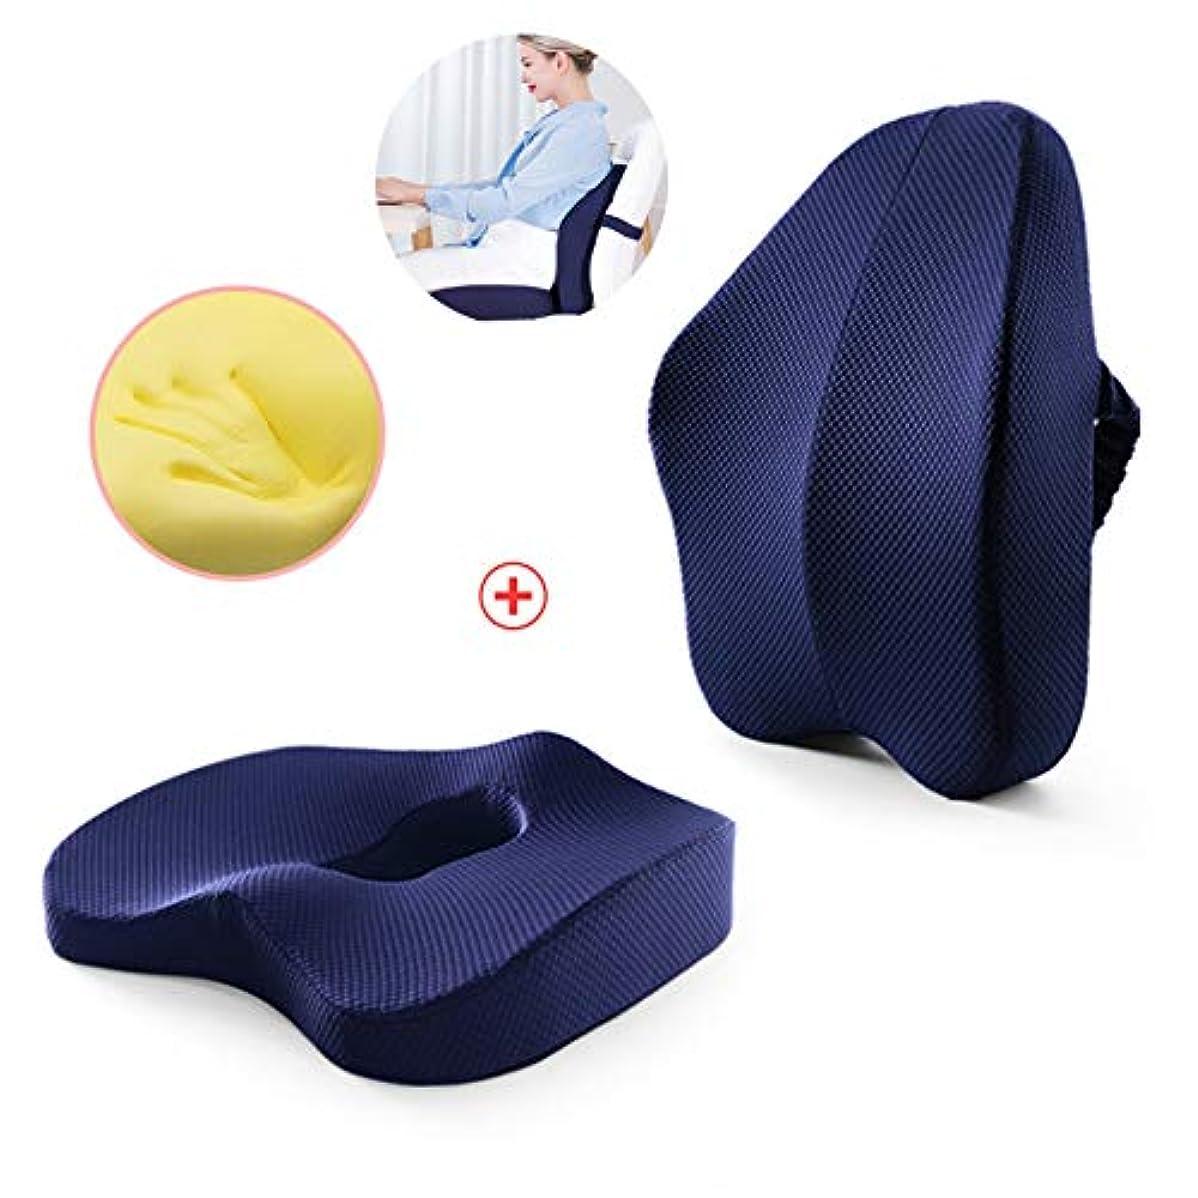 流用するかまど段階シートクッションとランバーサポート 低反発フォームの洗えるカバークッション、車のオフィスコンピュータチェア車椅子用